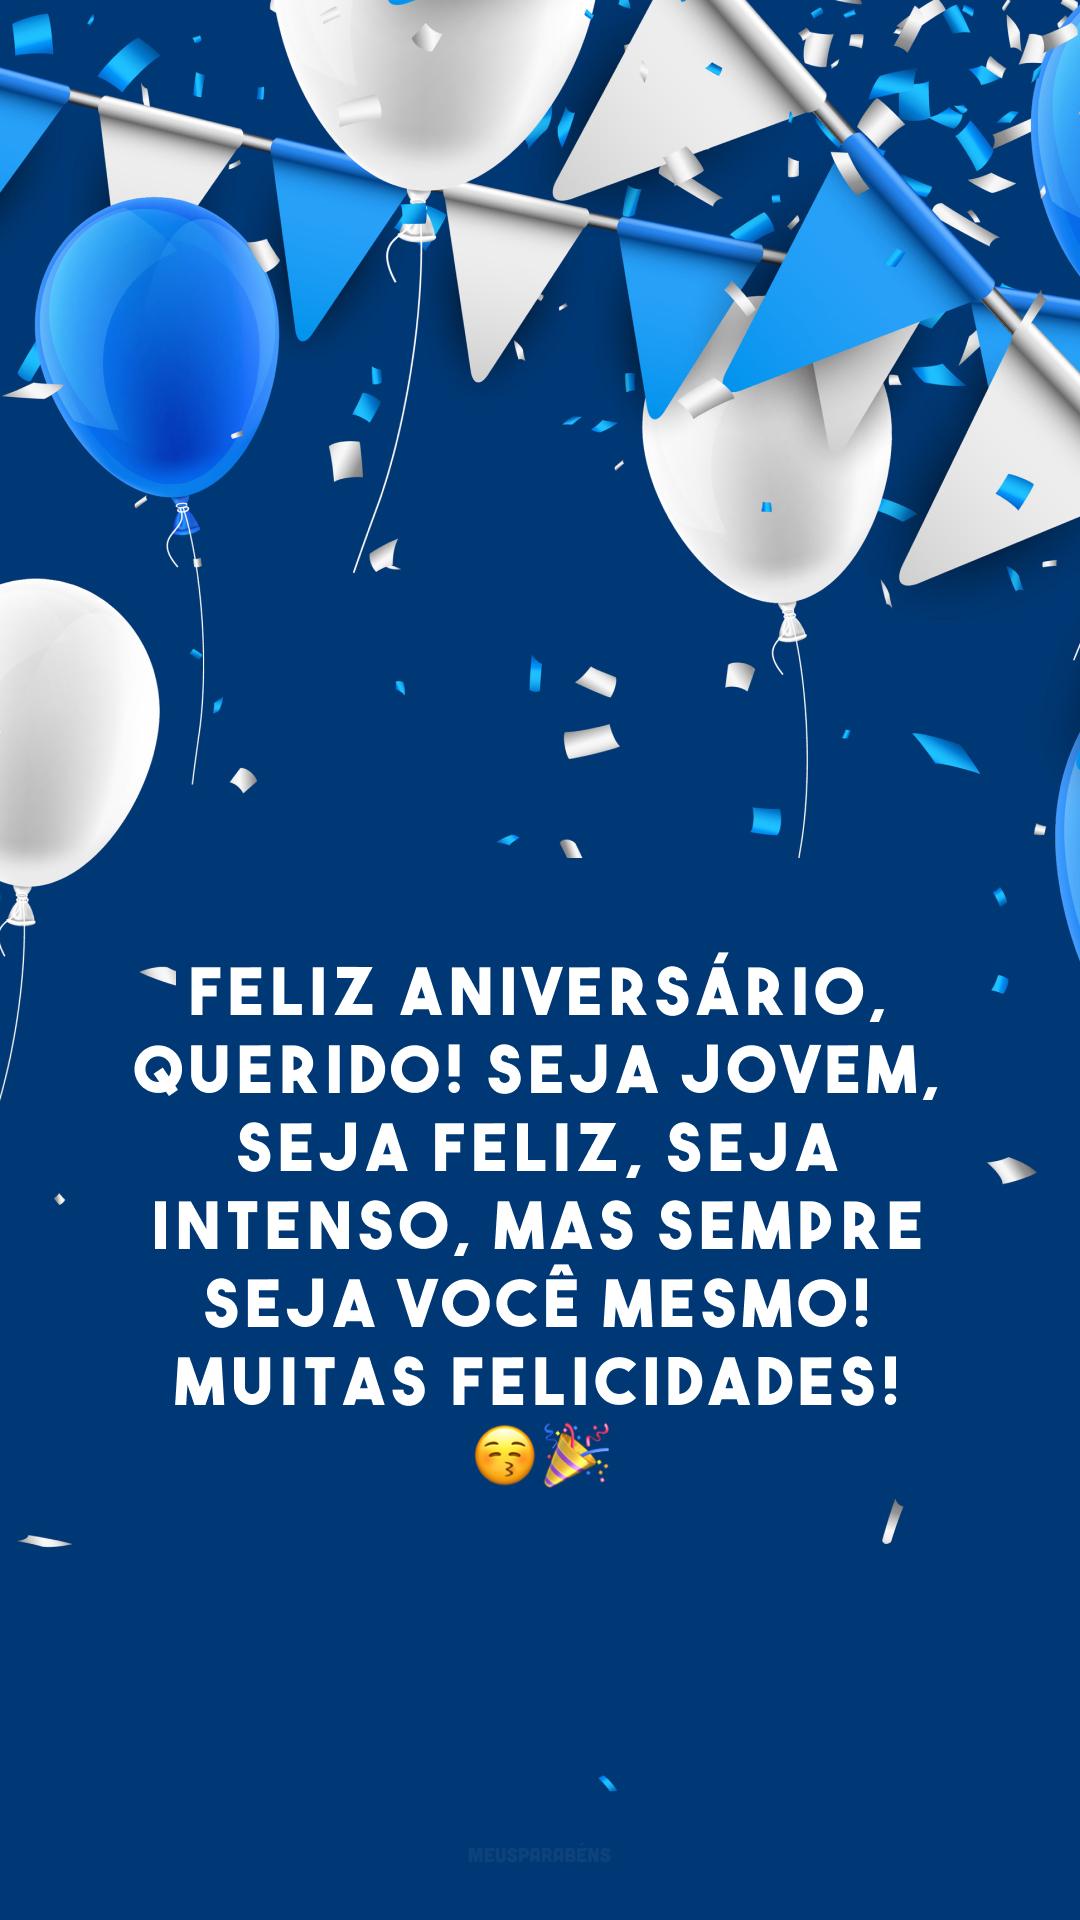 Feliz aniversário, querido! Seja jovem, seja feliz, seja intenso, mas sempre seja você mesmo! Muitas felicidades! 😚🎉